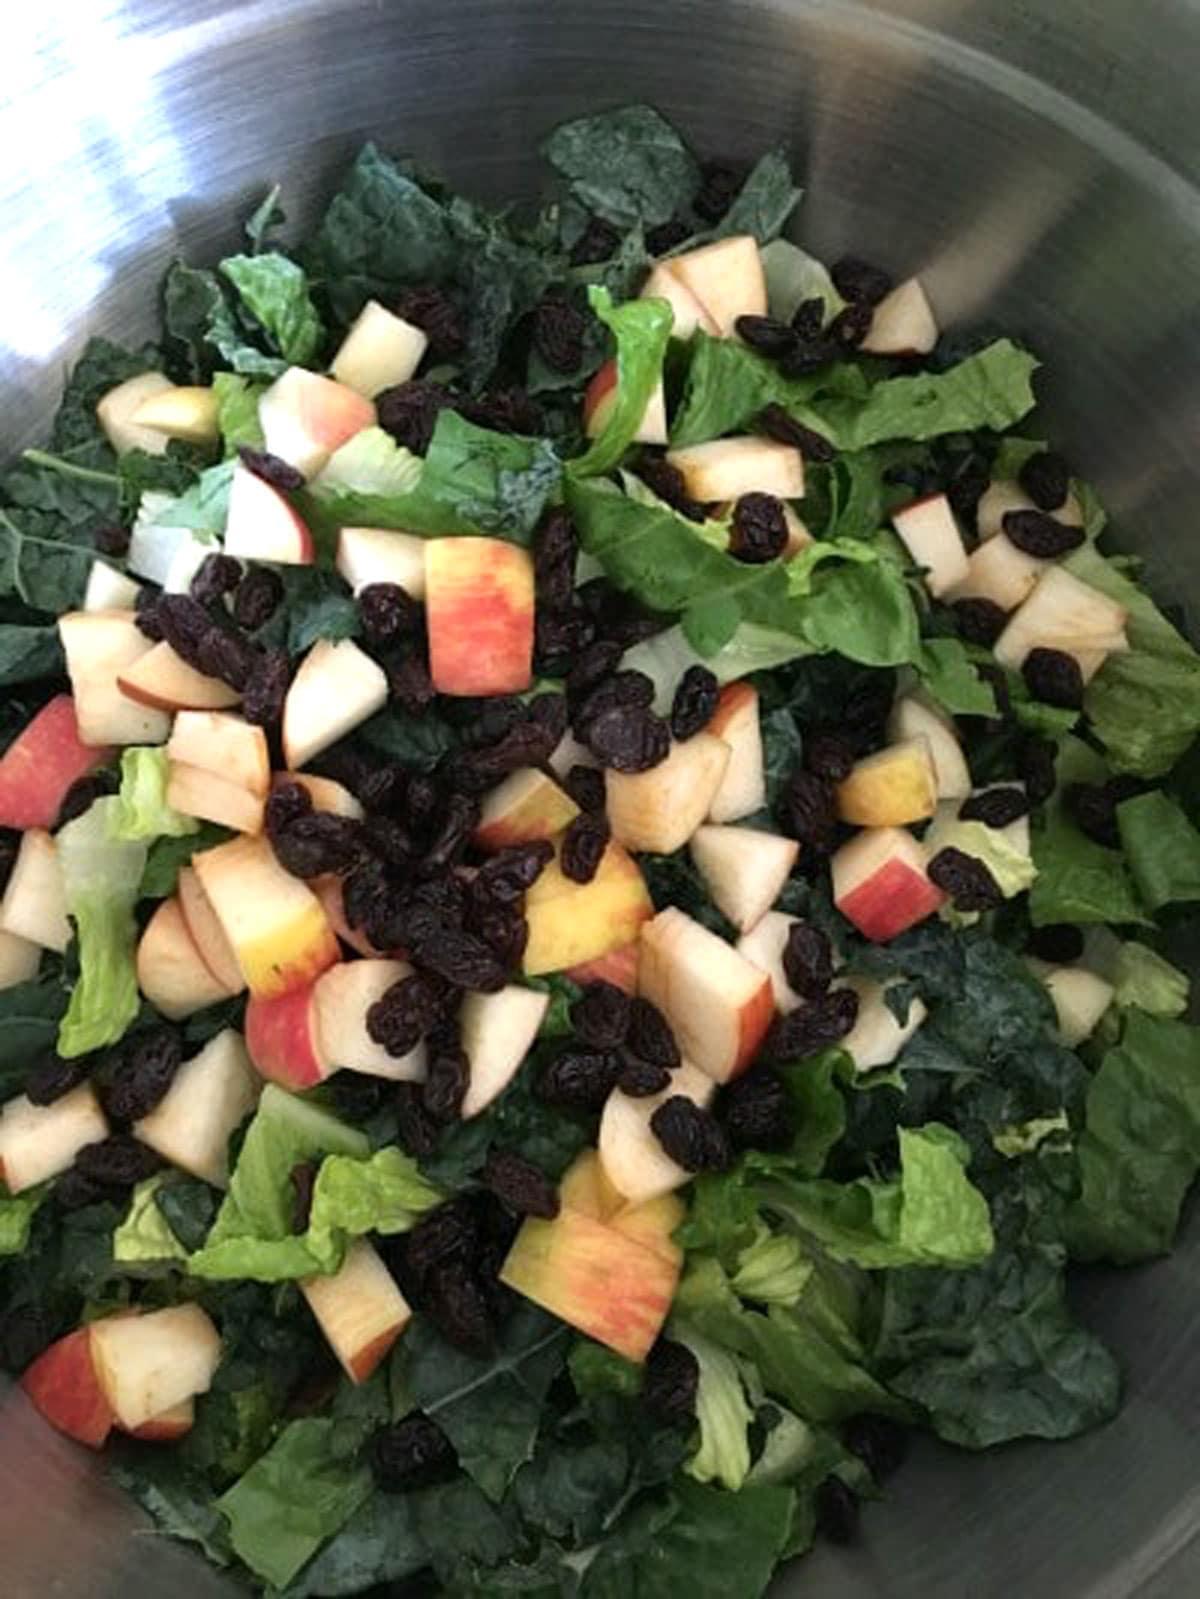 kale salad ingredients in a bowl